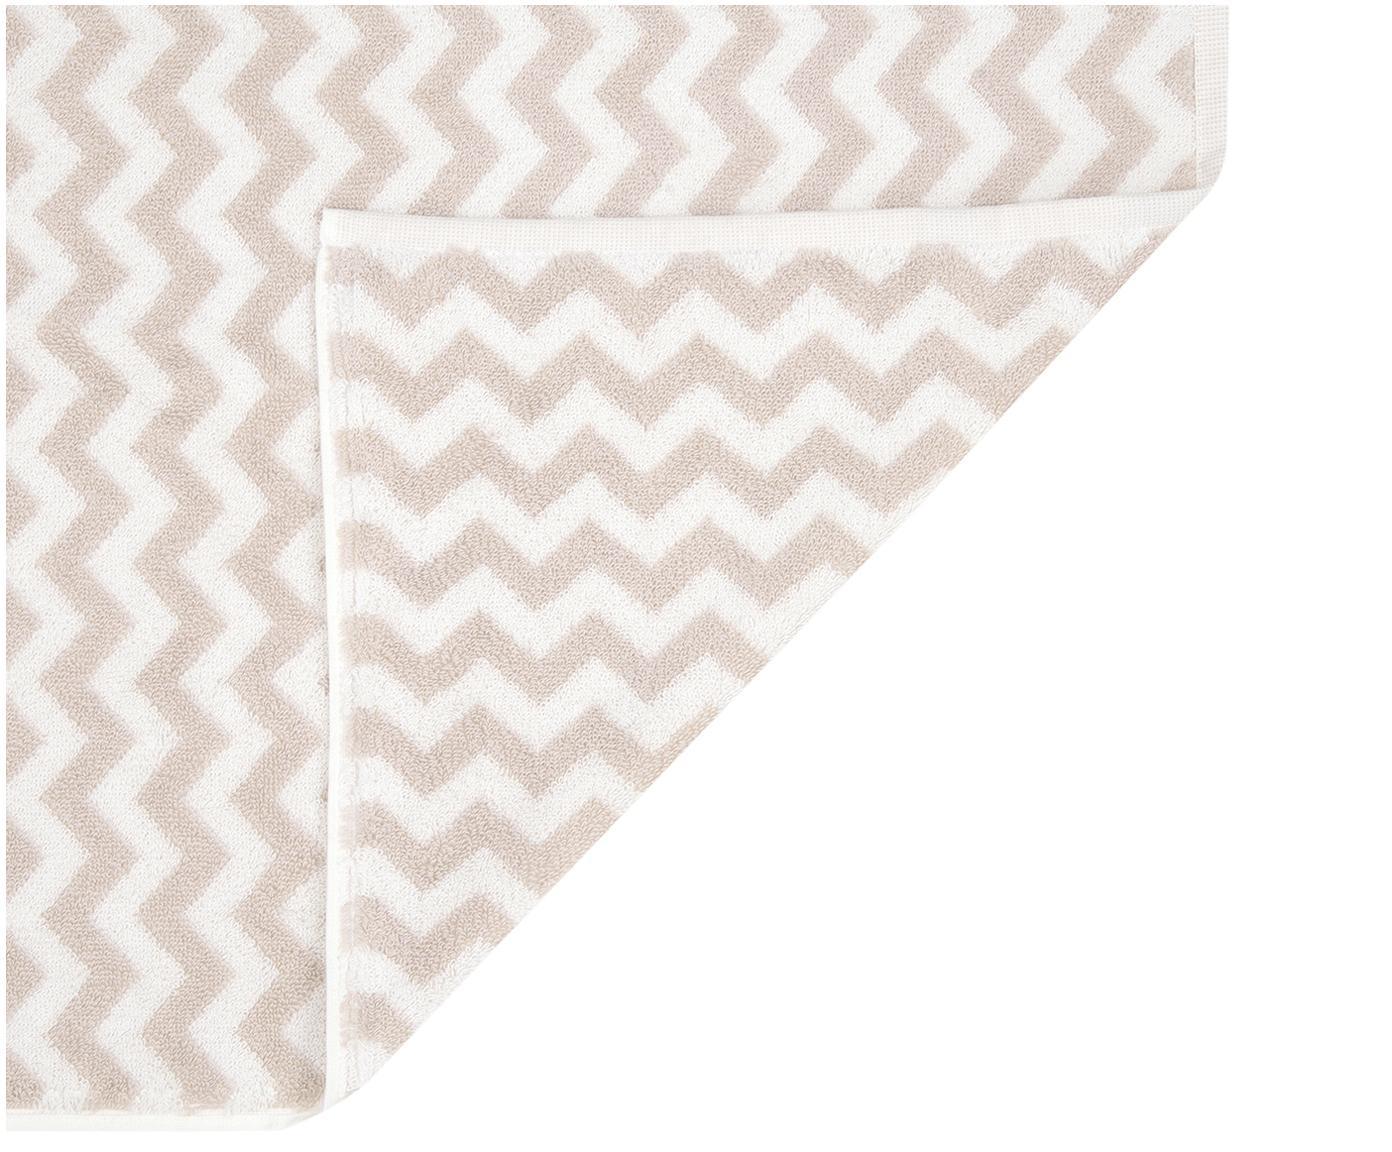 Handtuch-Set Liv mit Zickzack-Muster, 3-tlg., Sandfarben, Cremeweiß, Sondergrößen